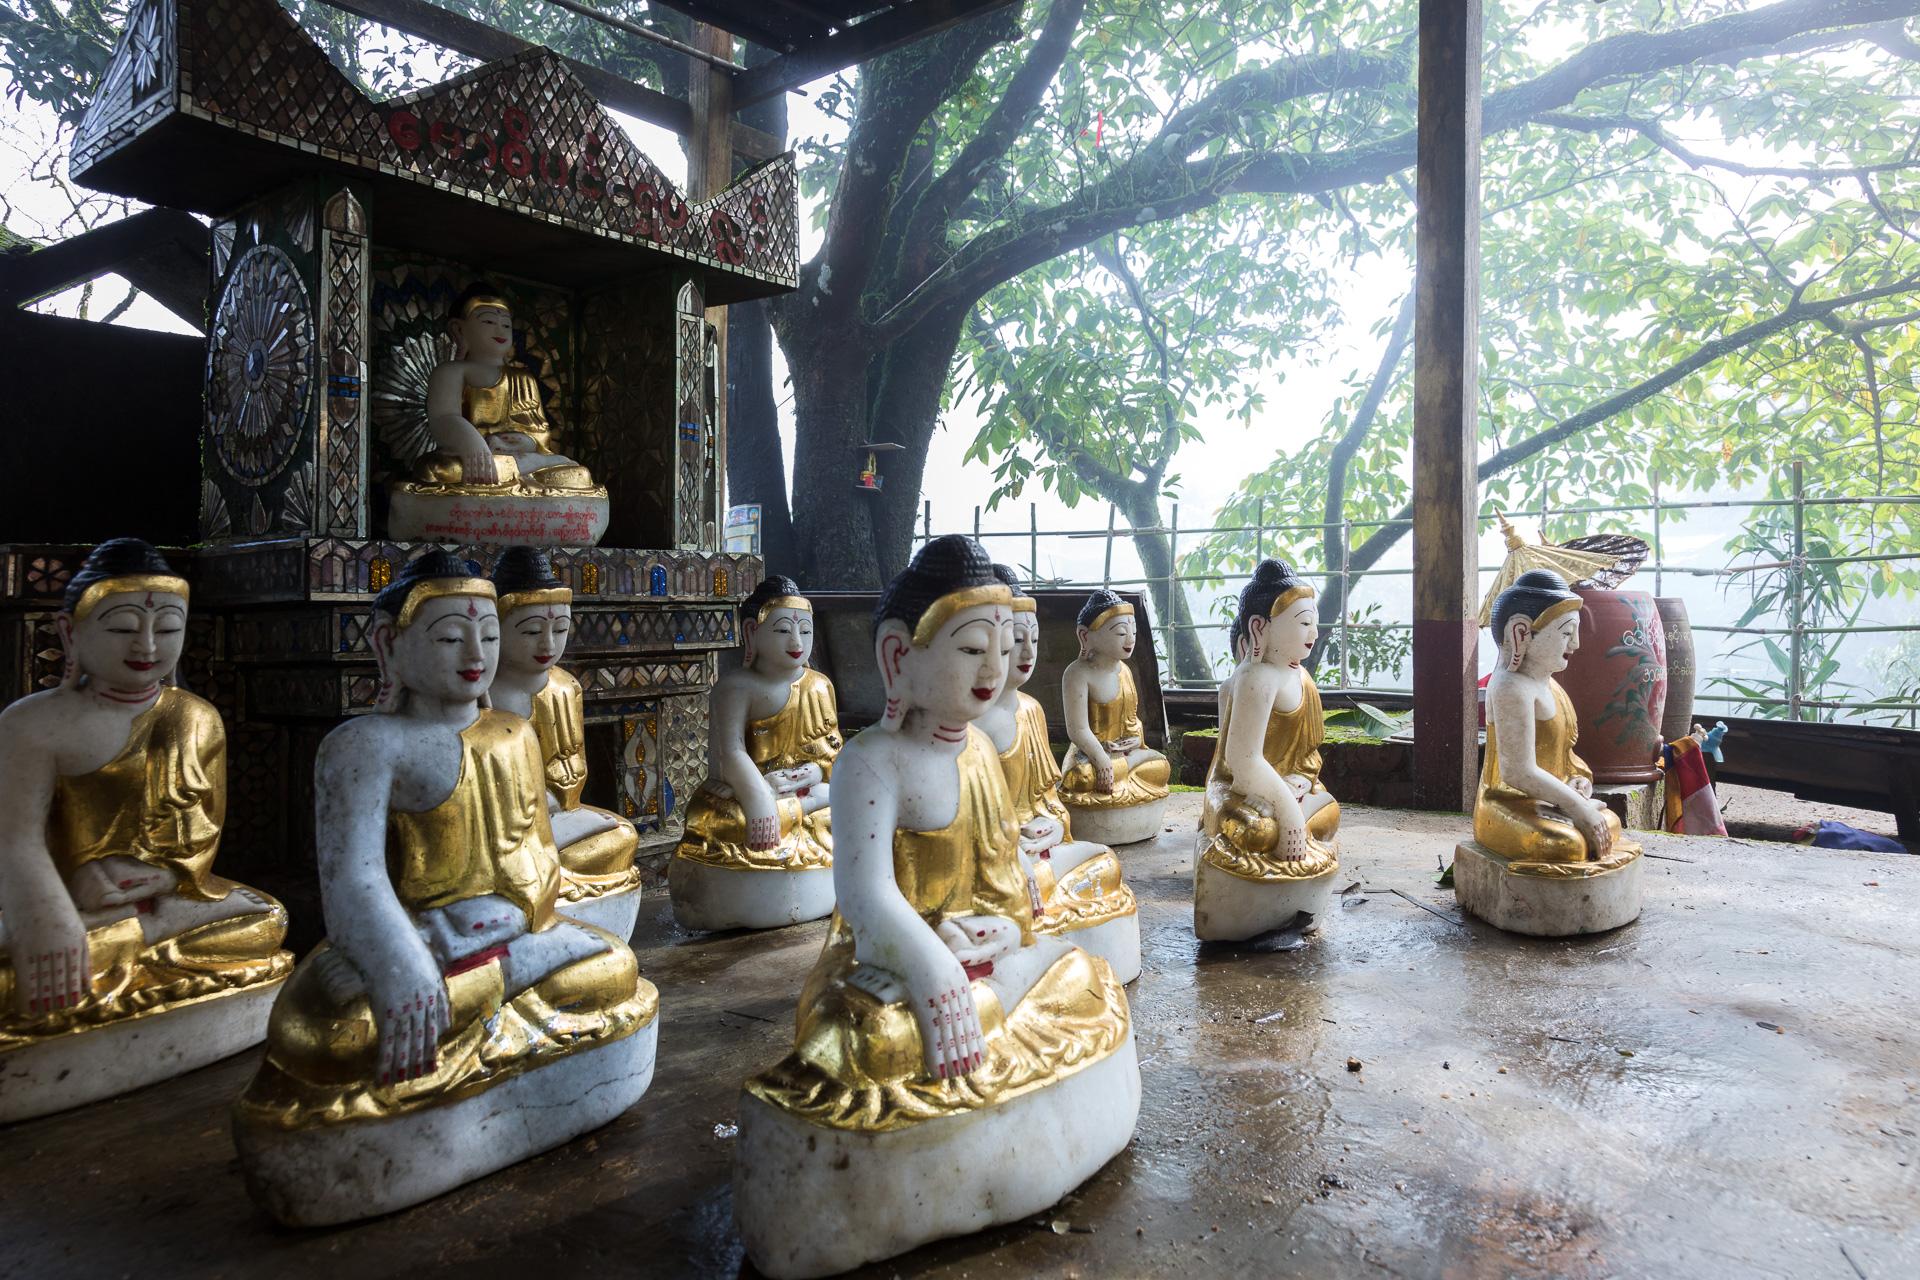 myanmar-reportage-wisckow-007.jpg